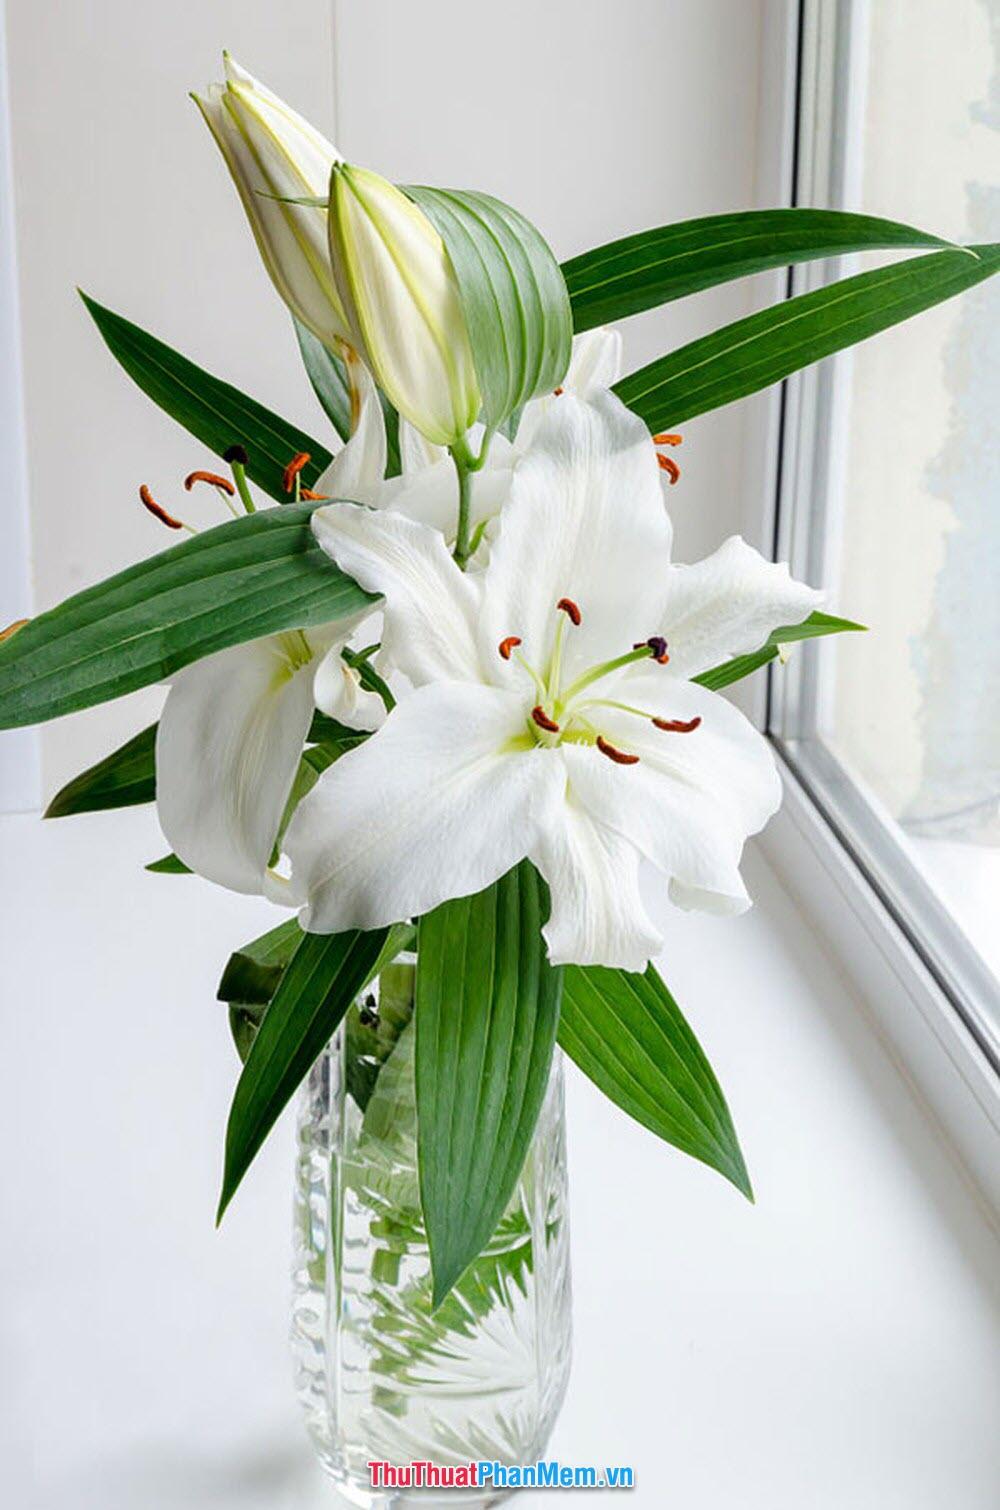 Lọ hoa ly rất đẹp để tặng cho vợ và người yêu vào ngày mùng 8 tháng 3